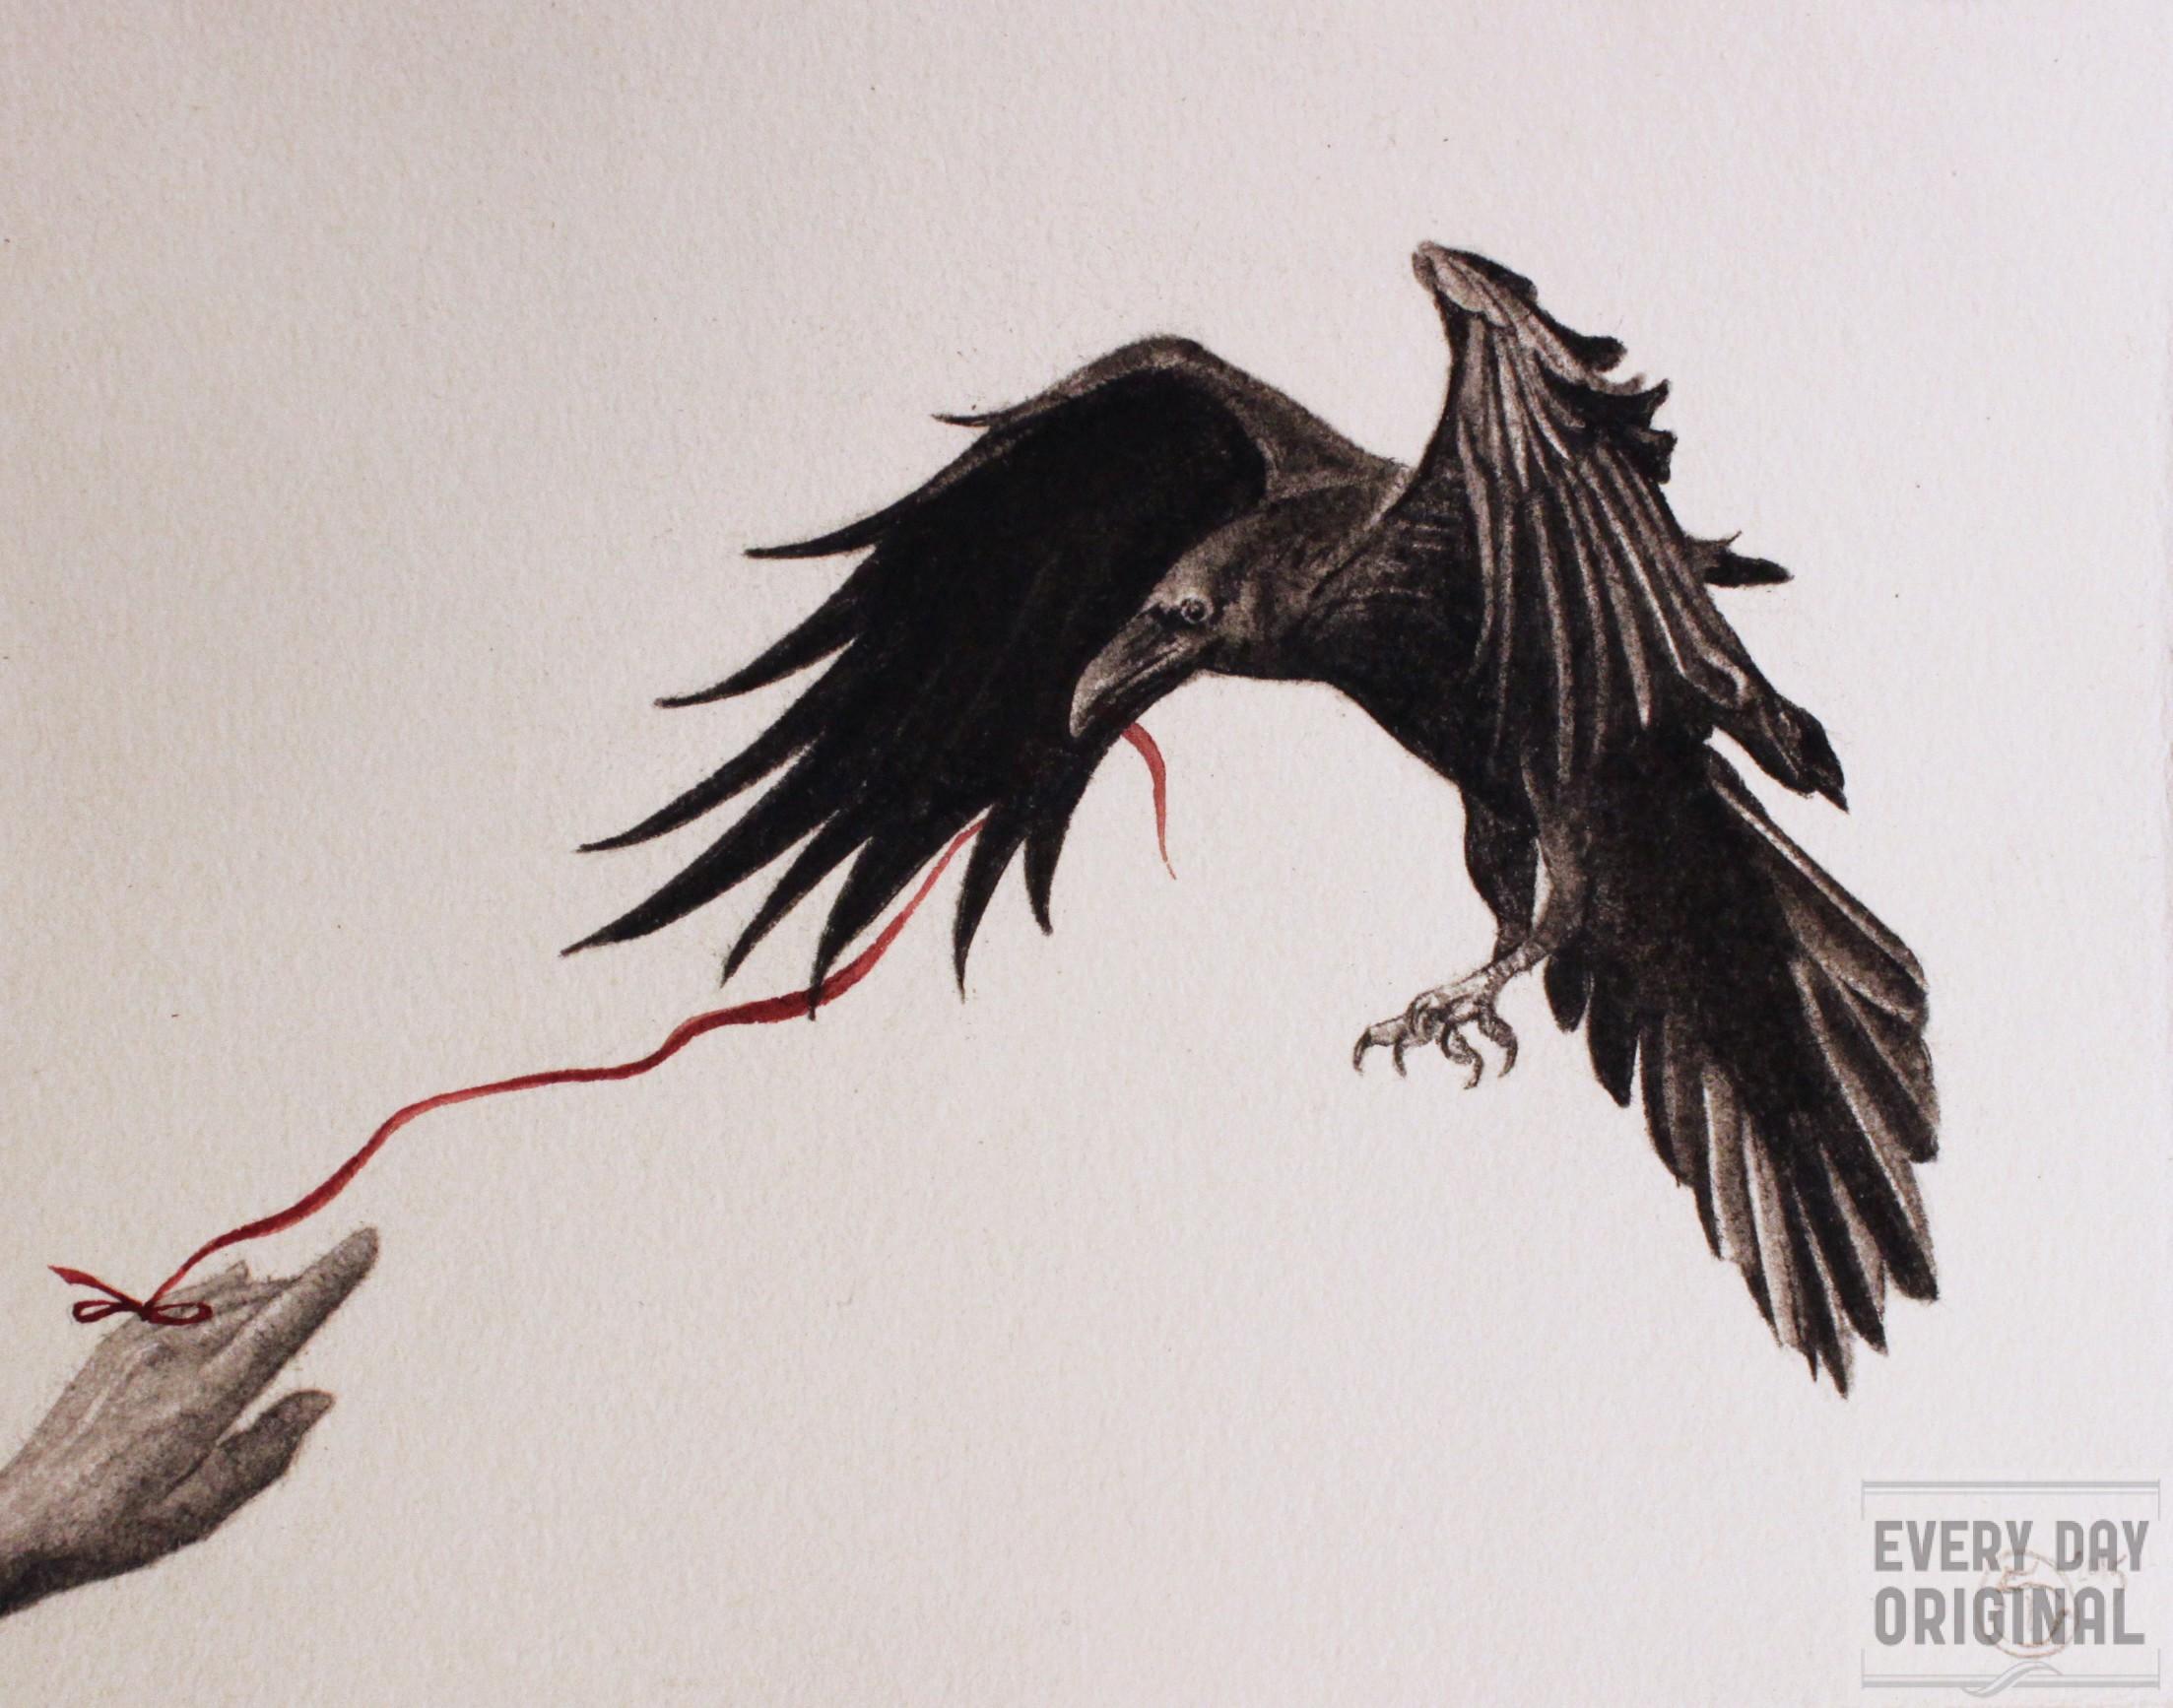 The Promise by Stephanie Inagaki